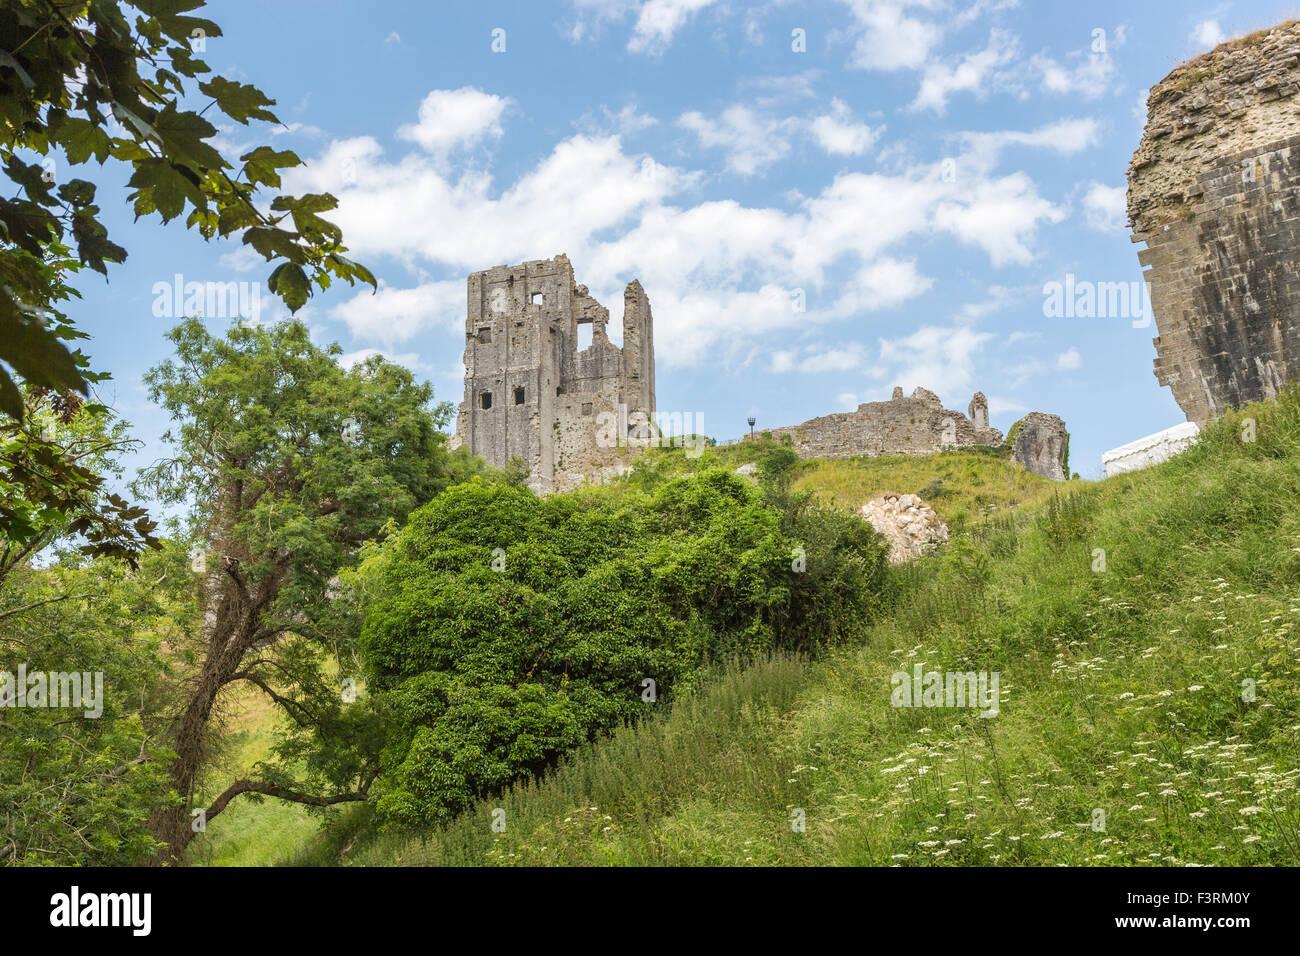 Les ruines perchées de Corfe Castle de Corfe, Dorset, au sud-ouest de l'Angleterre lors d'une journée Photo Stock